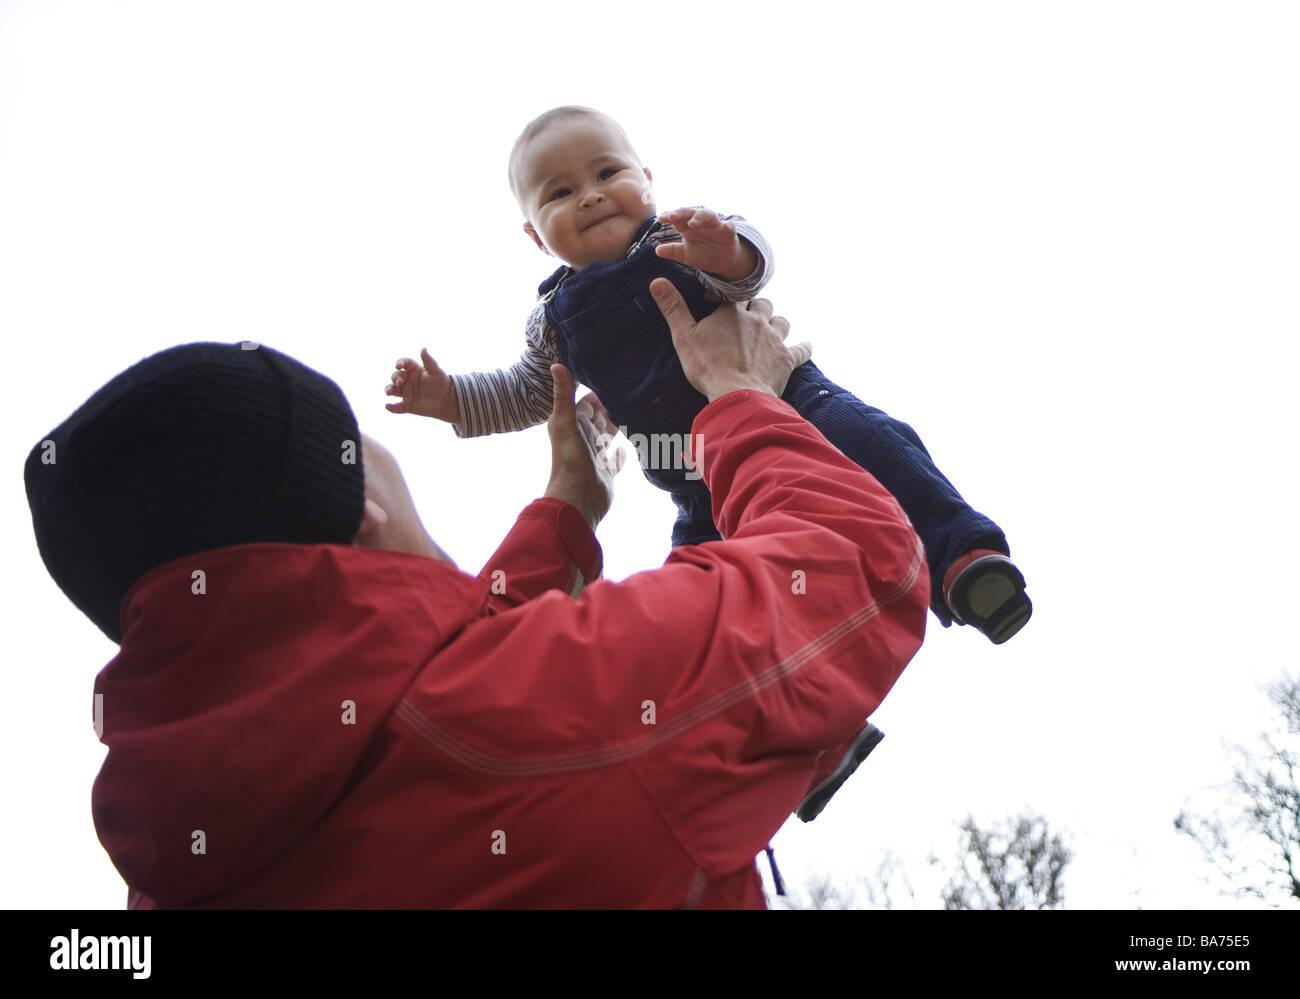 Padre baby persone genera l'uomo paternità genitore giacca con cappuccio rosso copricapo amore fortuna Immagini Stock